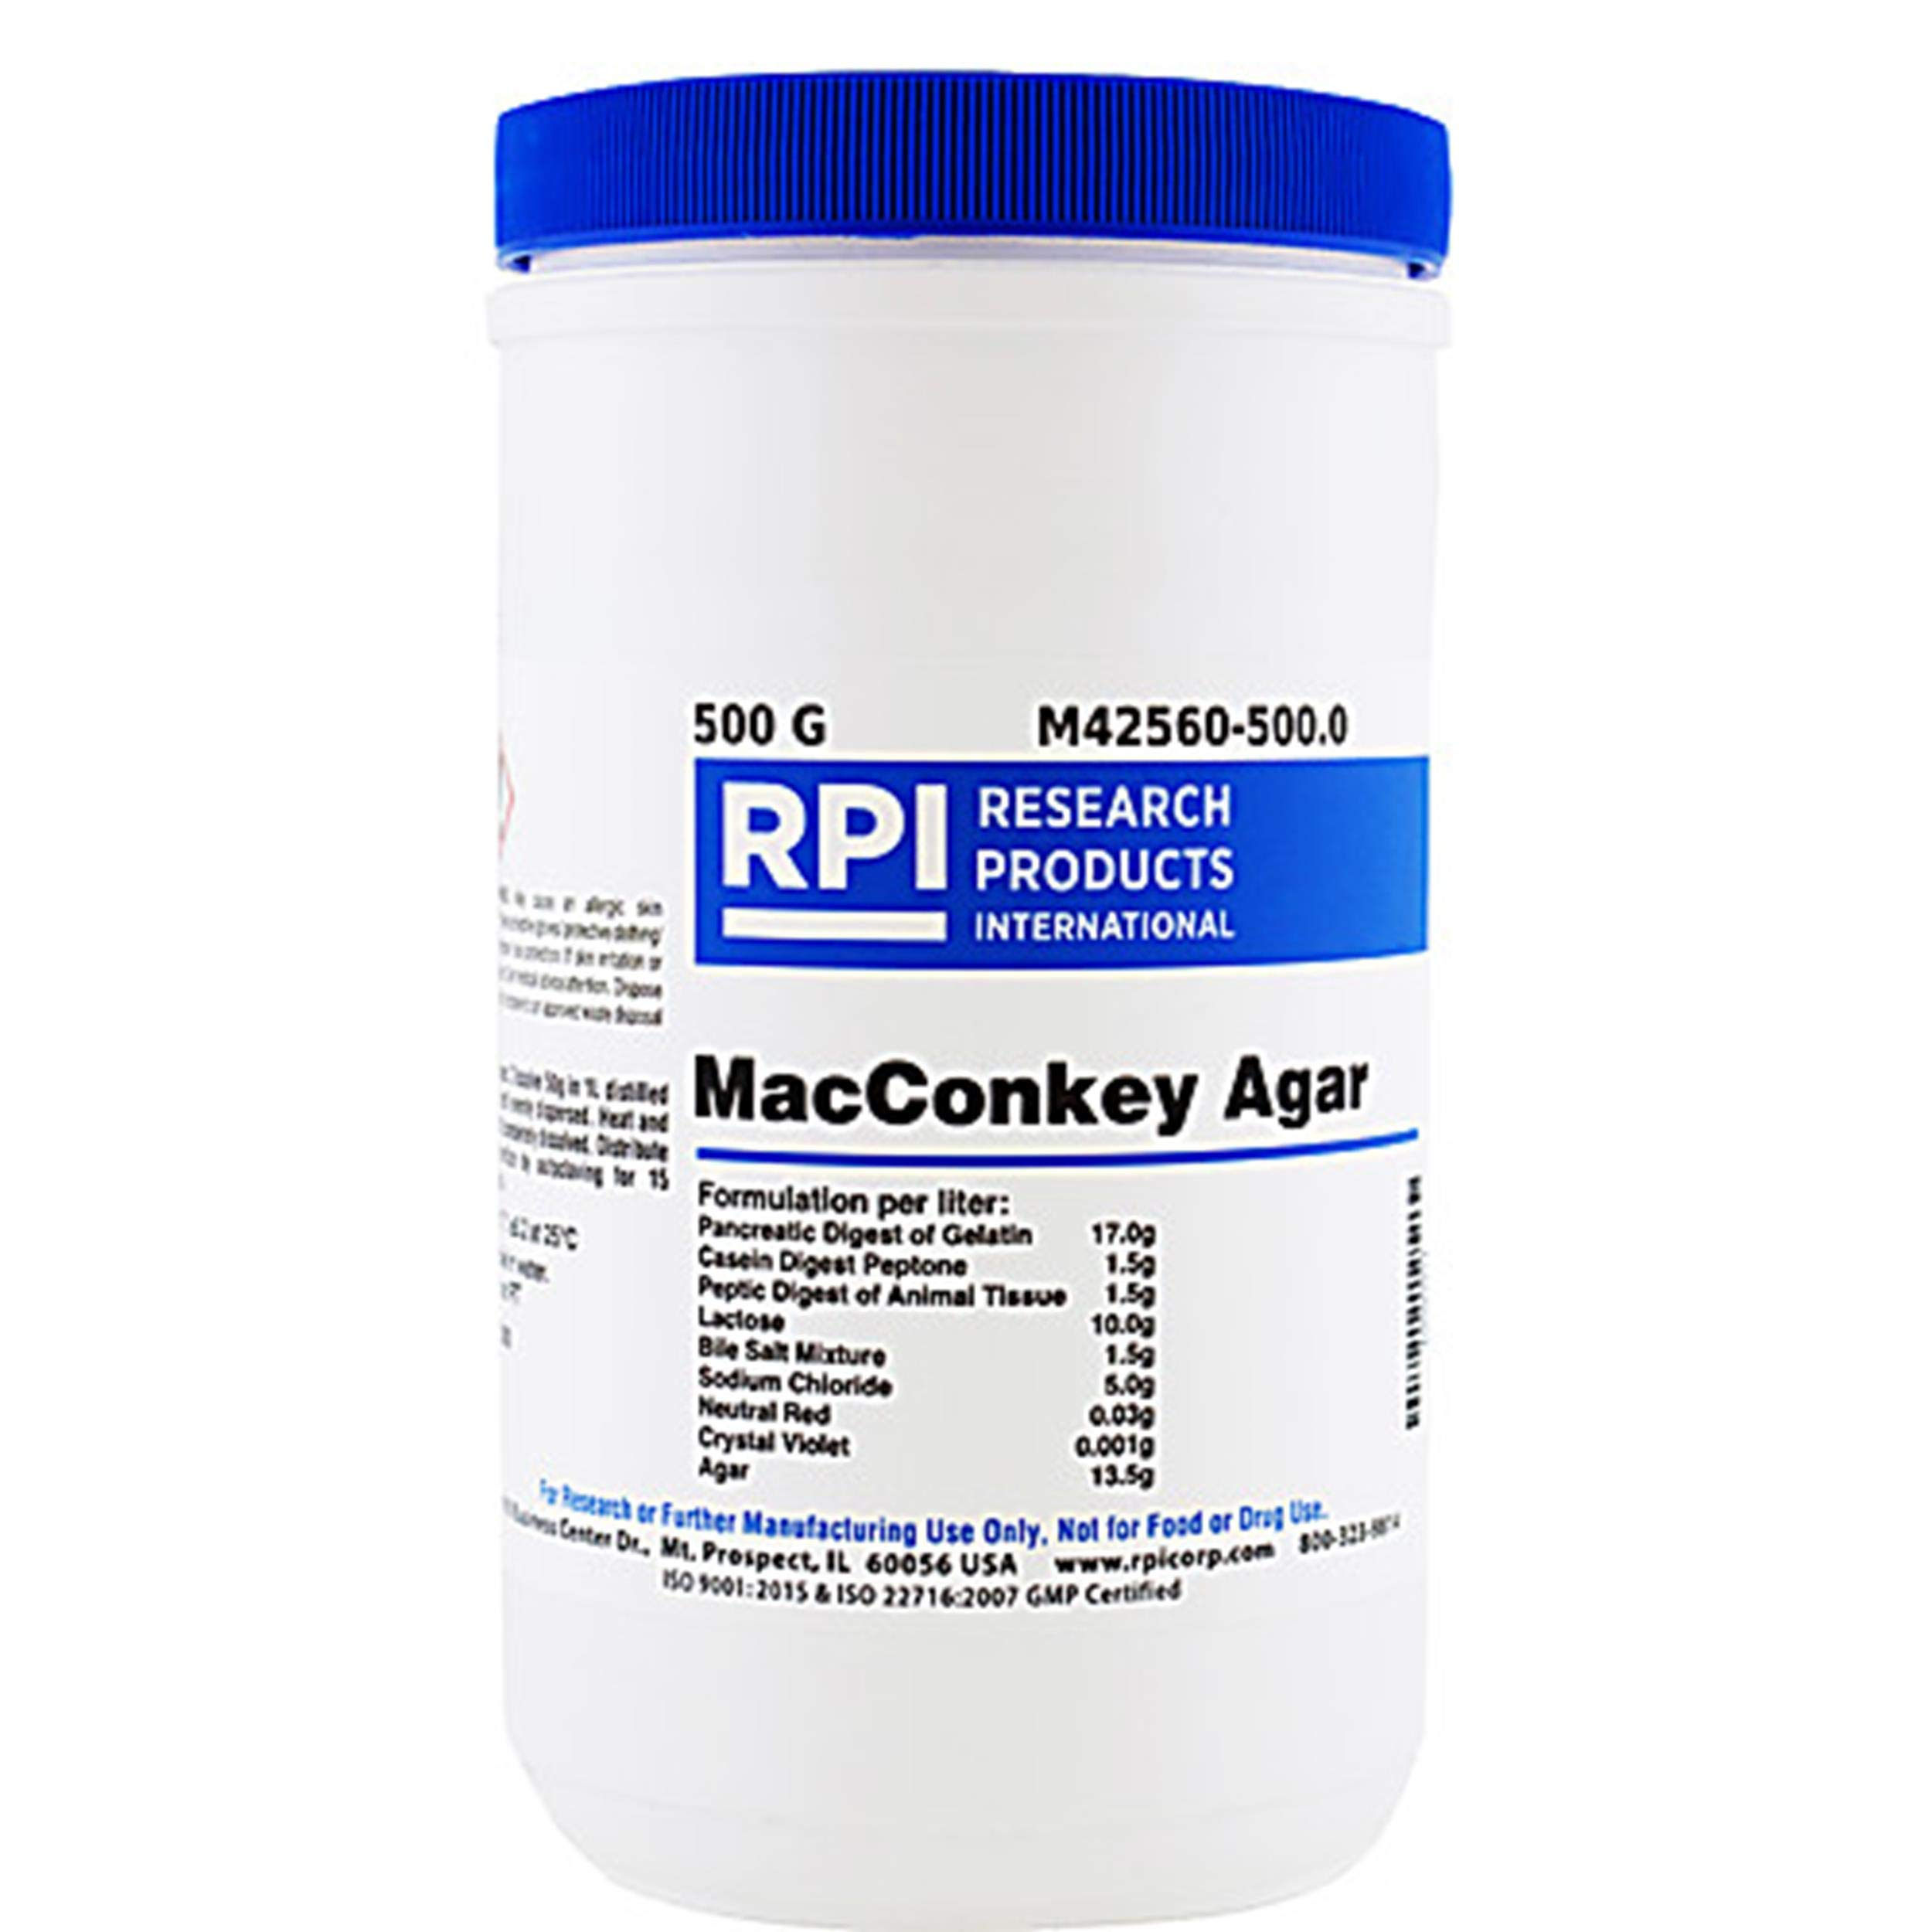 RPI L24030-500.0 LB Agar Low Salt Formula Powder 500g